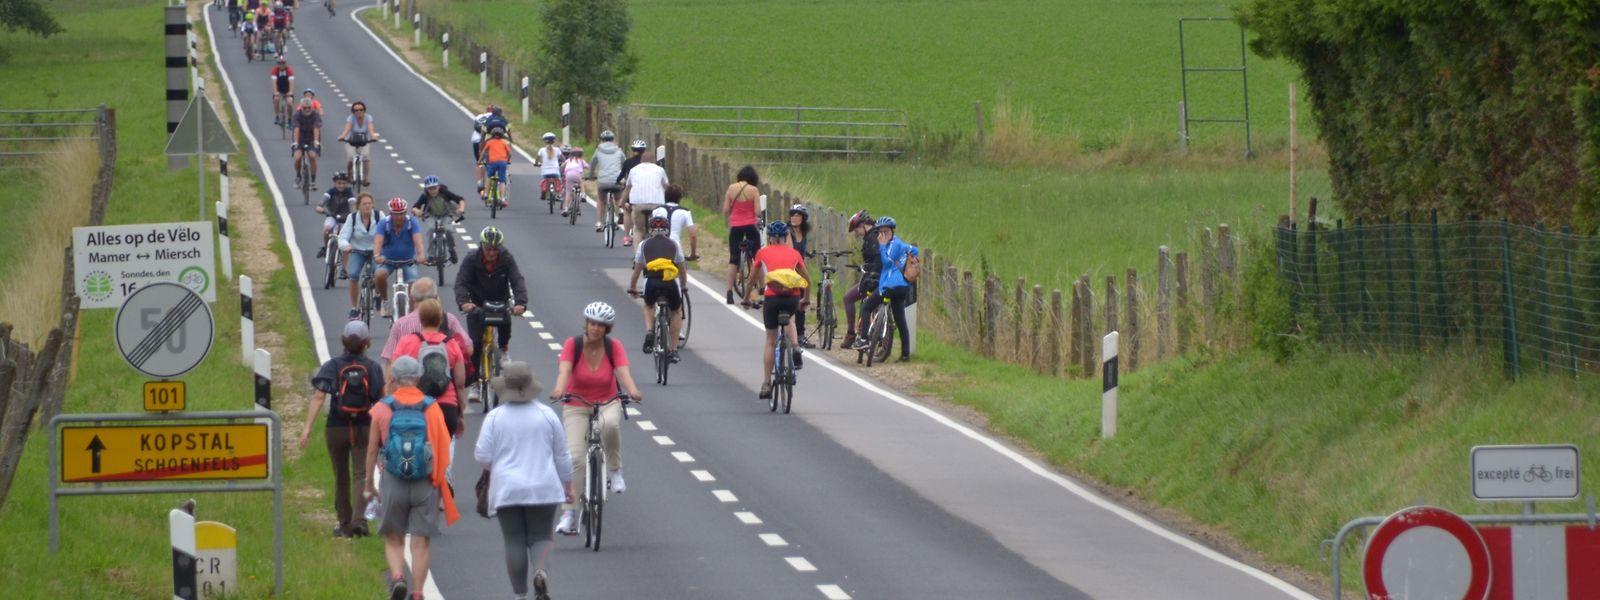 Unter anderem das Mamertal wird zumindest abschnittsweise an den Wochenenden im Augst dem Radverkehr vorbehalten sein.